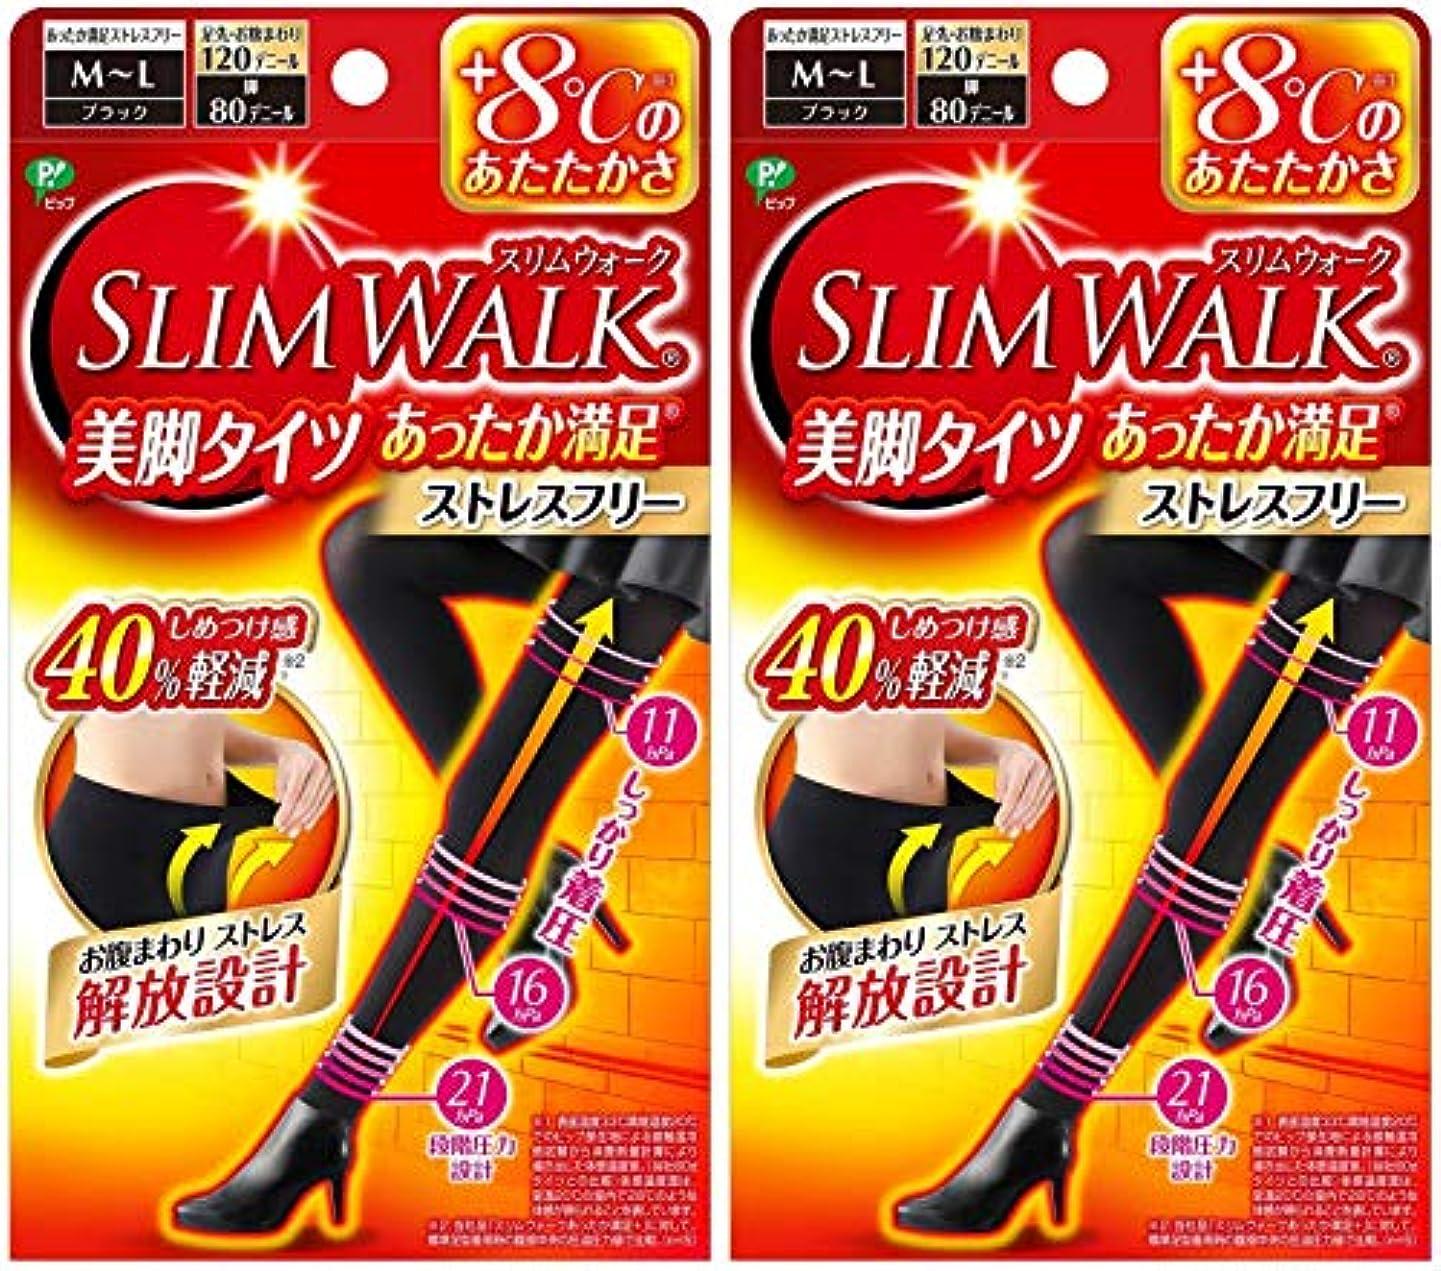 葉ランプ全く【2個セット】 スリムウォーク (SLIM WALK) 美脚タイツ あったか満足 おそと用 M~Lサイズ